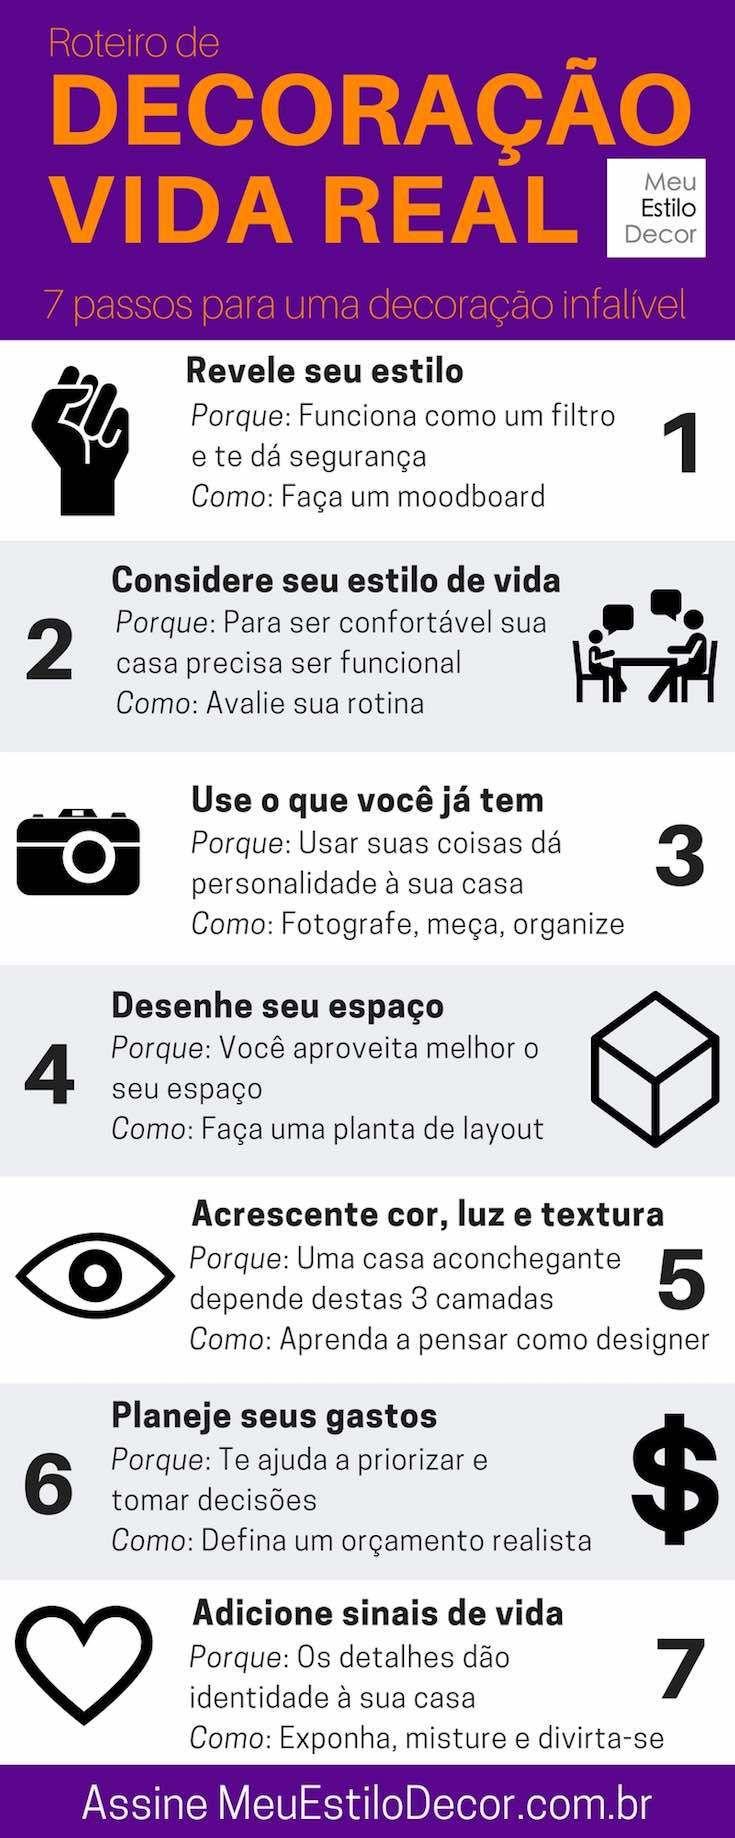 Decoração infalível. Eu te ensino a pensar e decorar sua casa como um designer em 7 passos simples. Sem segredos.